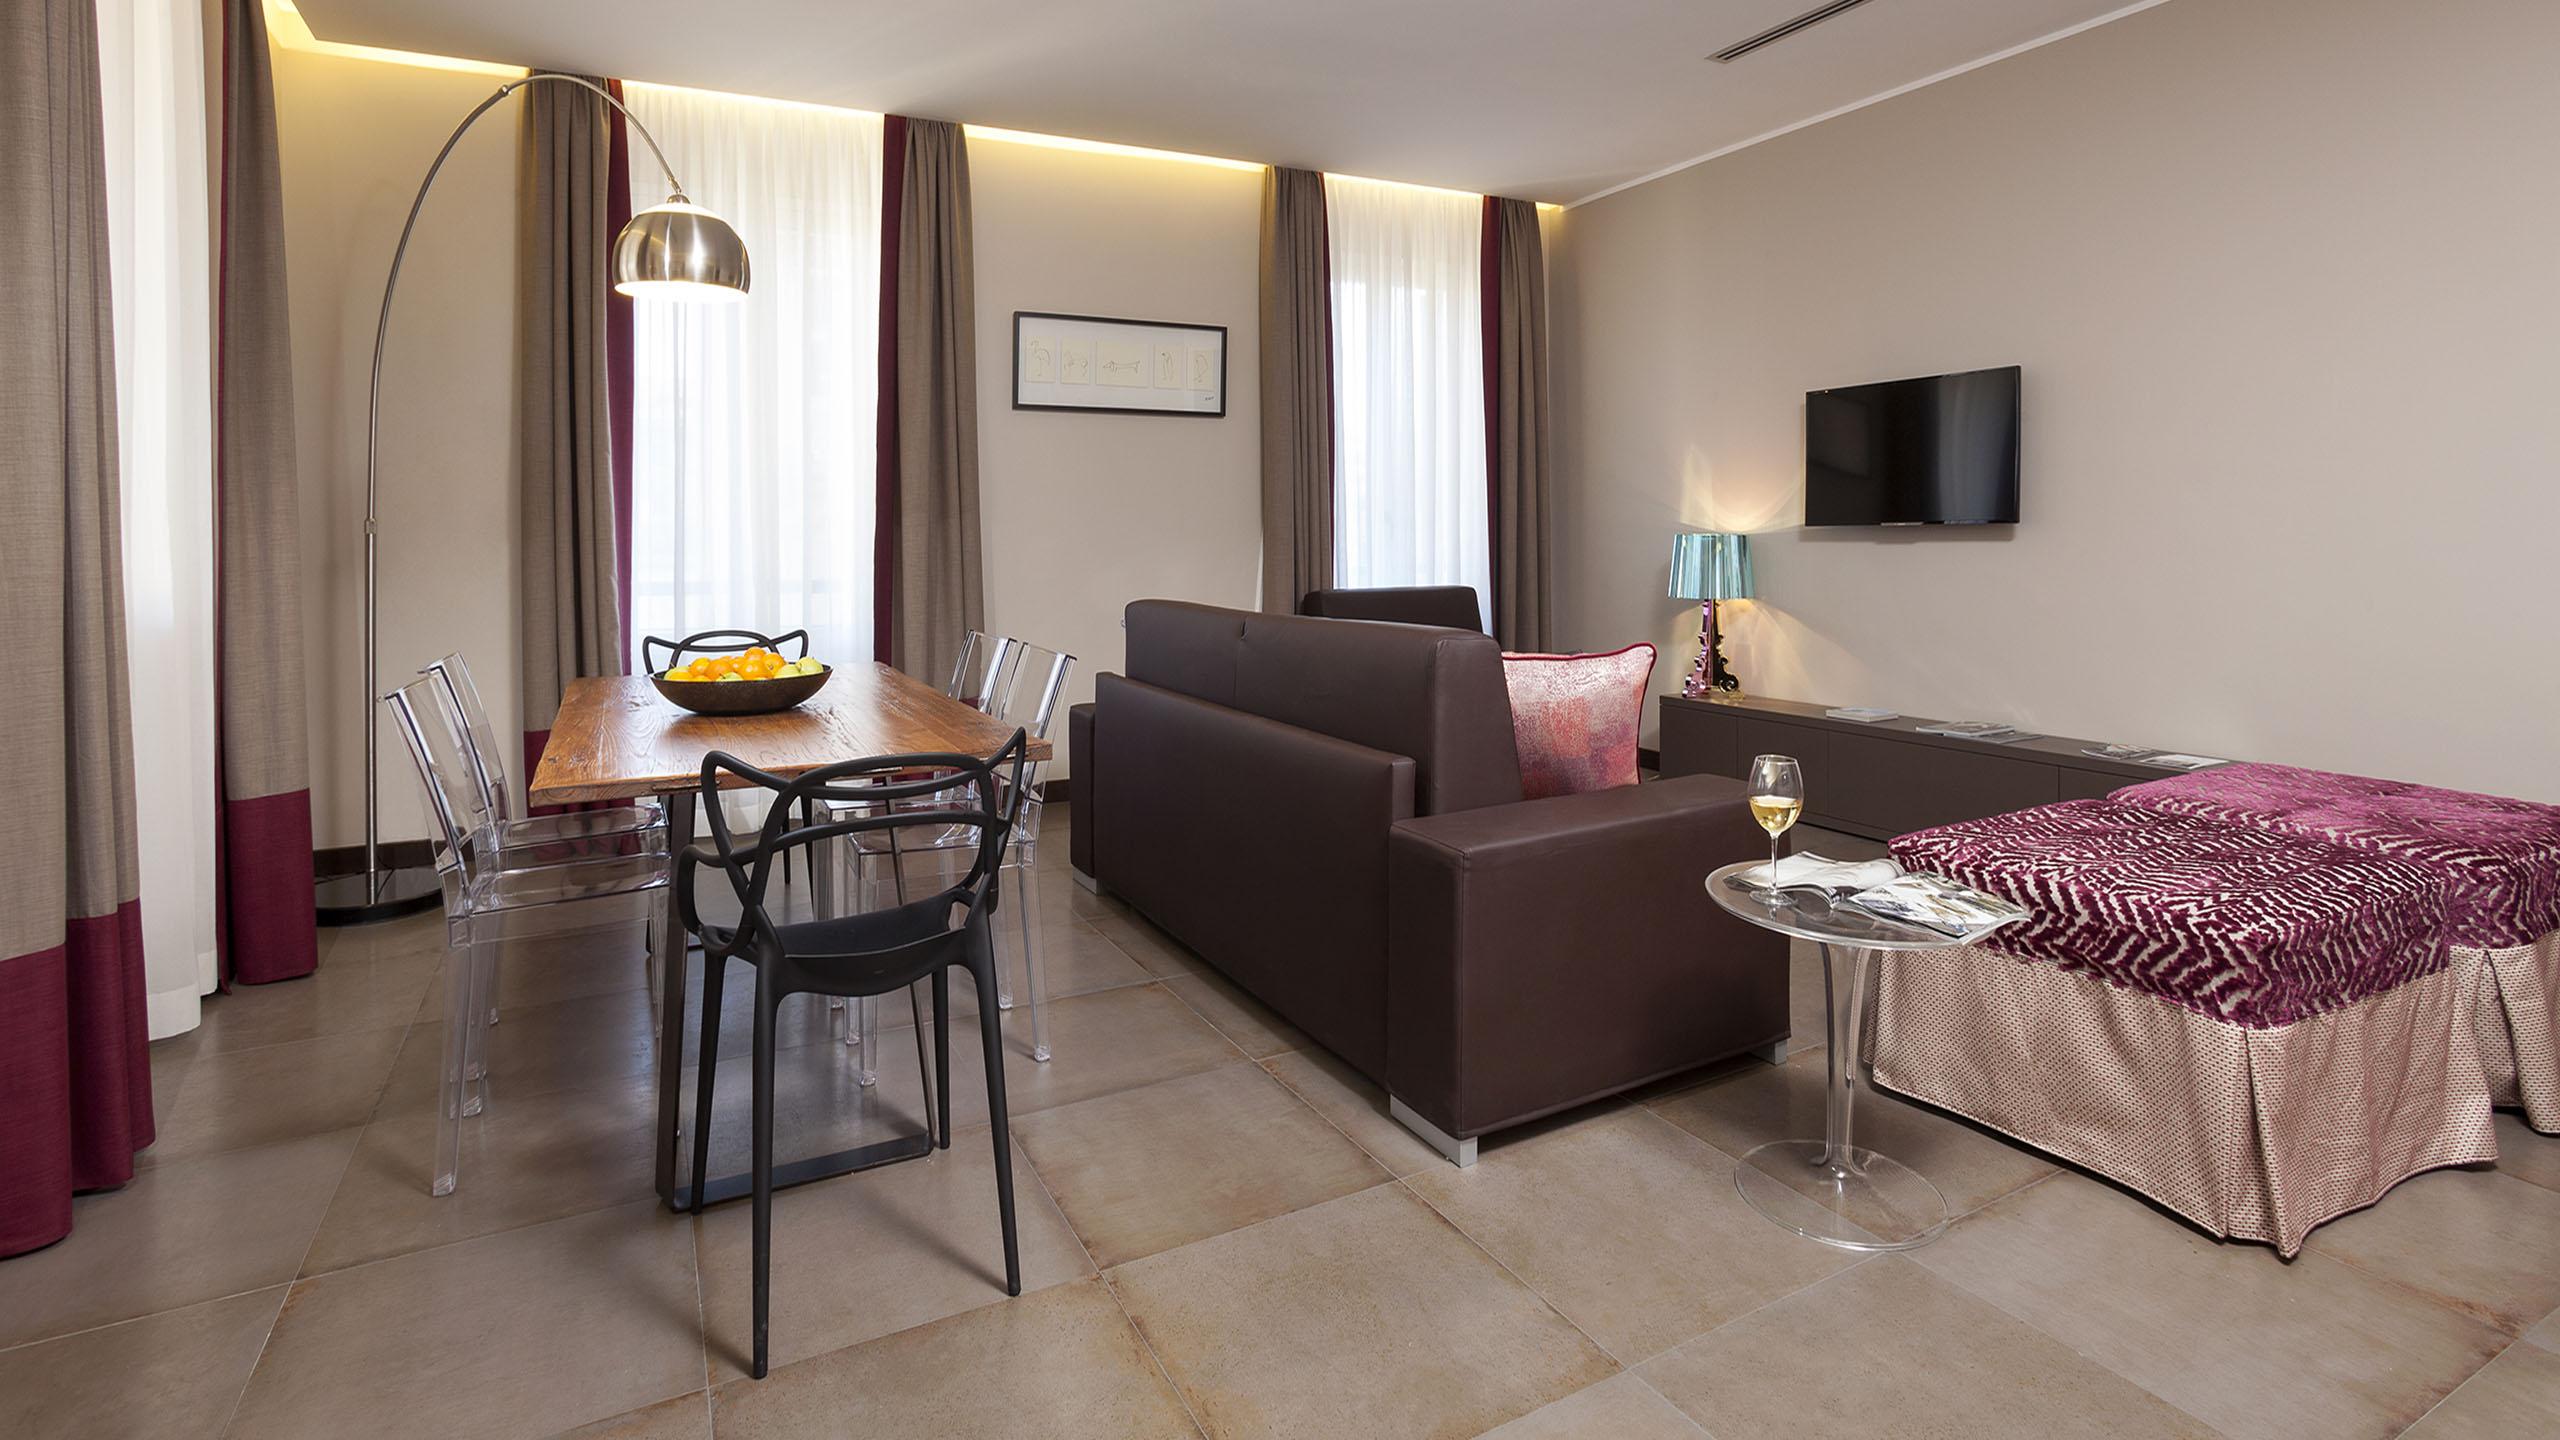 Residence-Trianon-Borgo-Roma-Pio-appartamento-superior-con-terrazza-2020-soggiorno